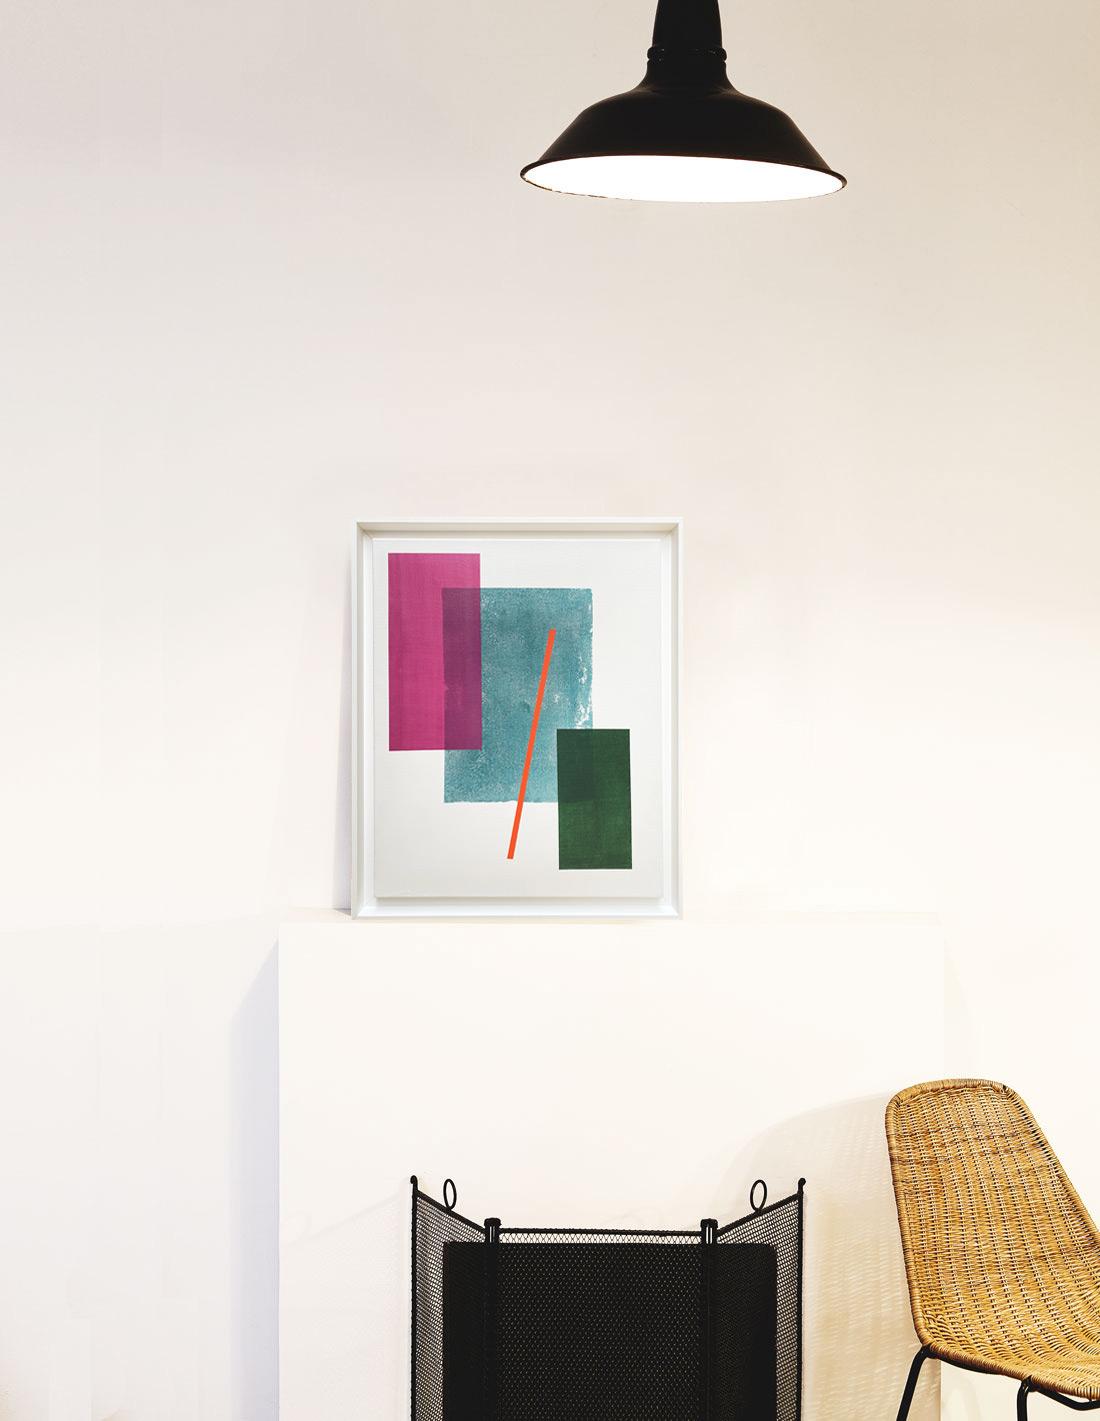 Sans-Titre-(toile-fond-blanc-carré-turquoise,-rose-et-vert)-insitu